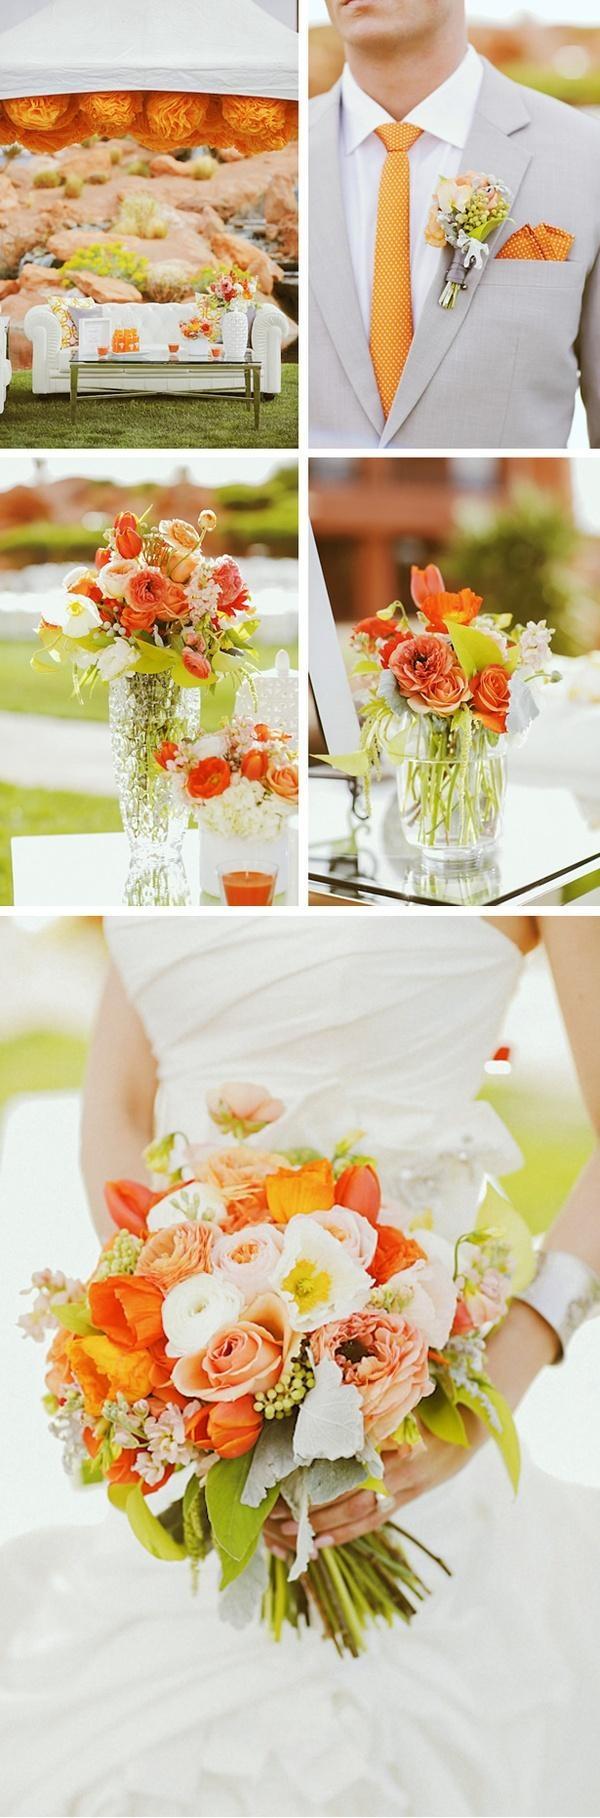 цвет свадьбы 2014 года